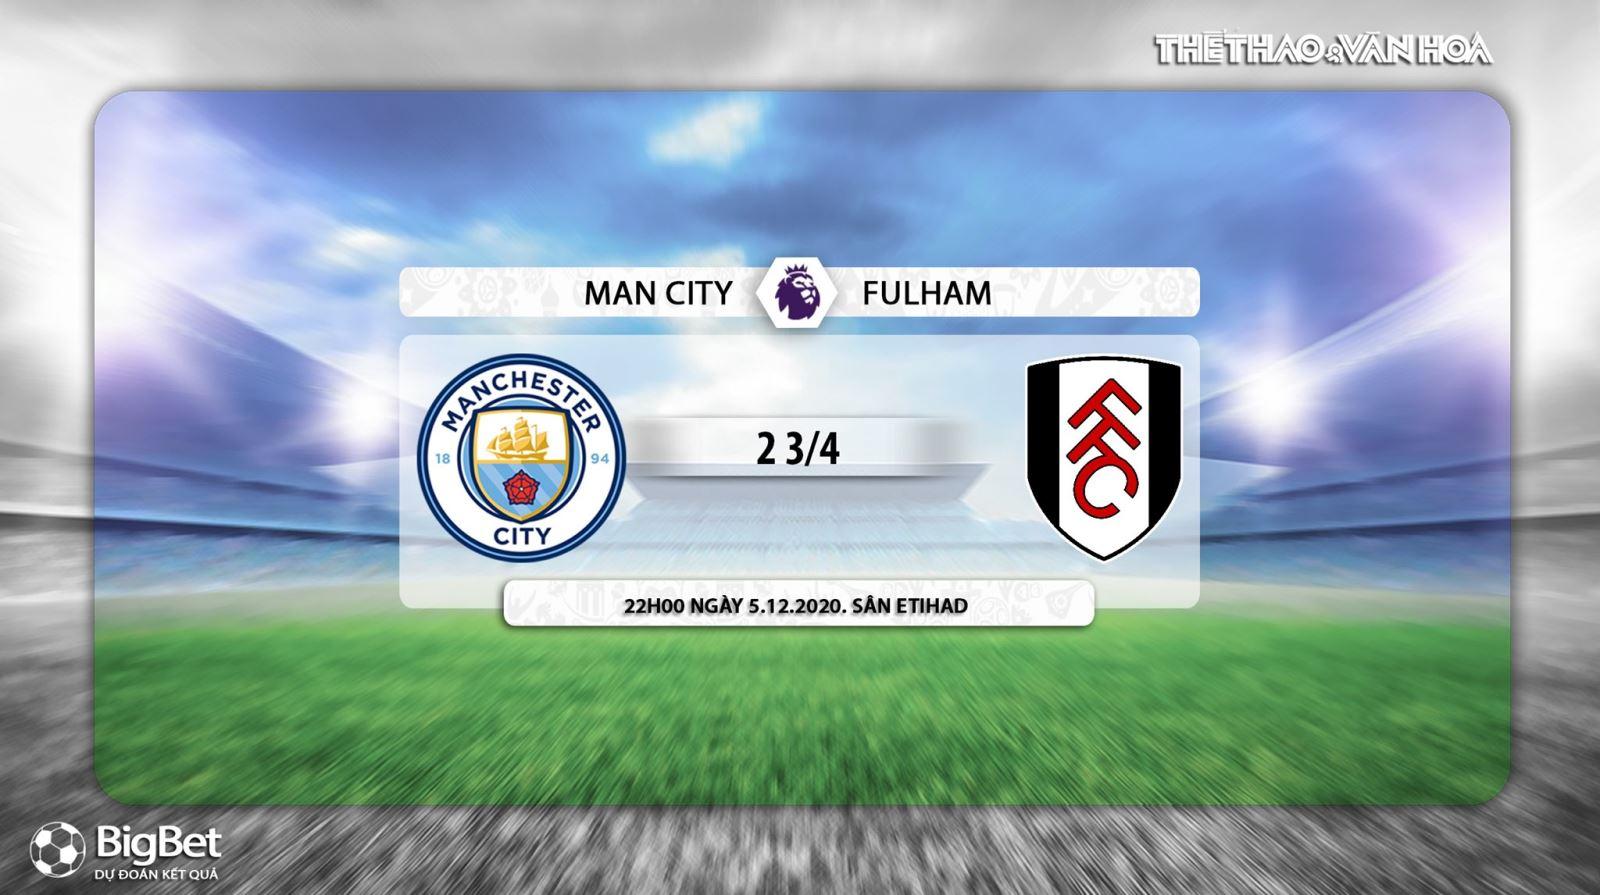 Keo nha cai, kèo nhà cái, Man City Fulham, truc tiep bong da, ngoai hang Anh vòng 10, kèo bóng đá, trực tiếp Man City đấu với Fulham, trực tiếp bóng đá Anh, kèo Man City